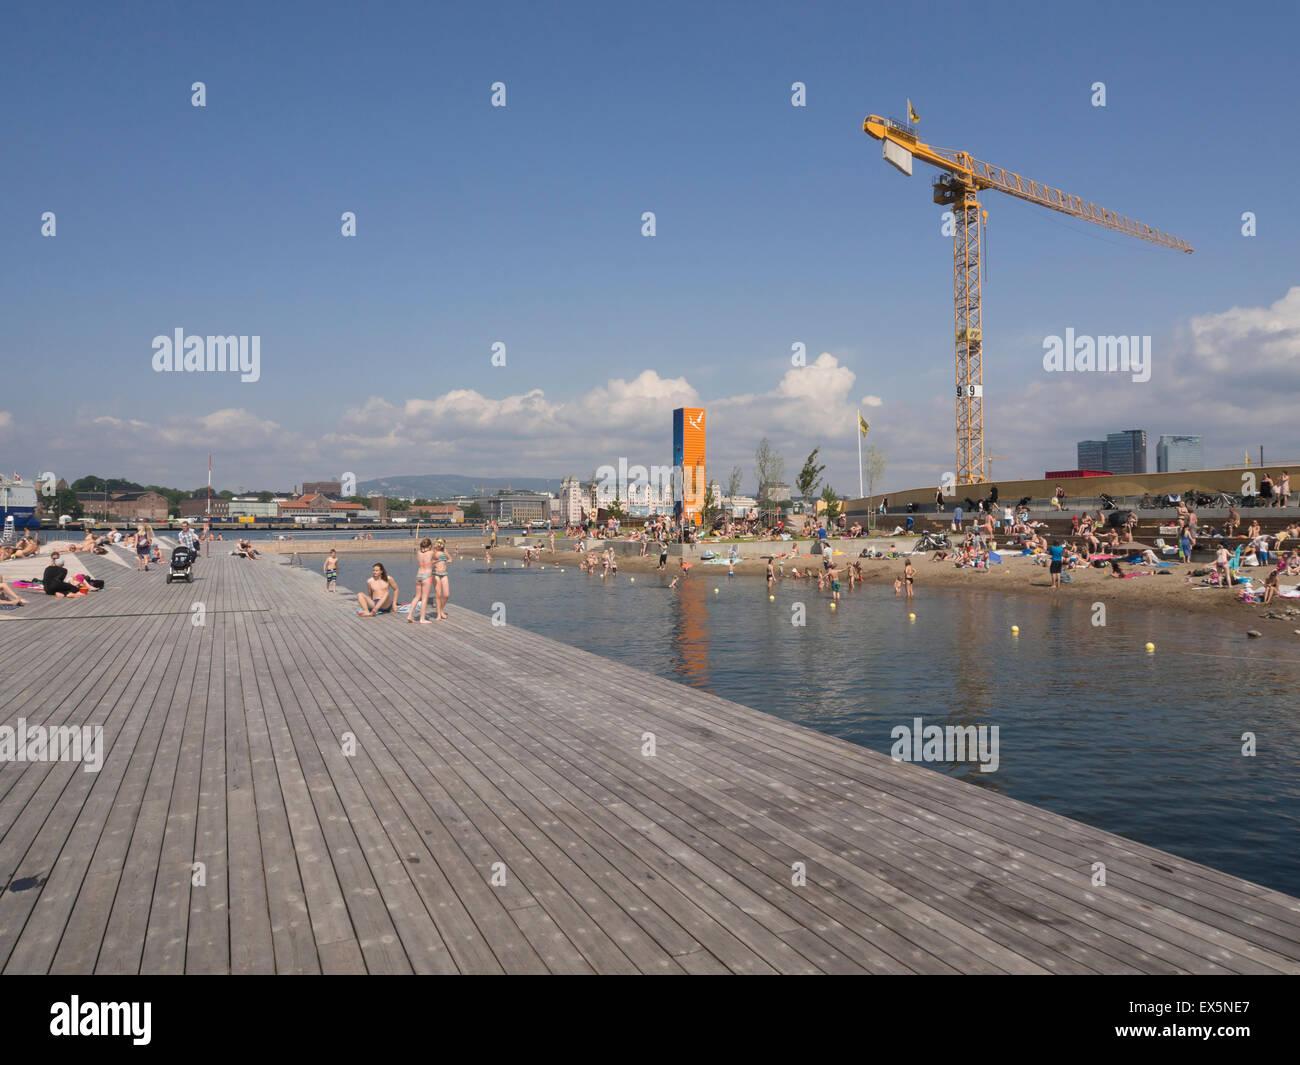 Una Nueva Ciudad Interior Playa Pública Con Grandes Terrazas